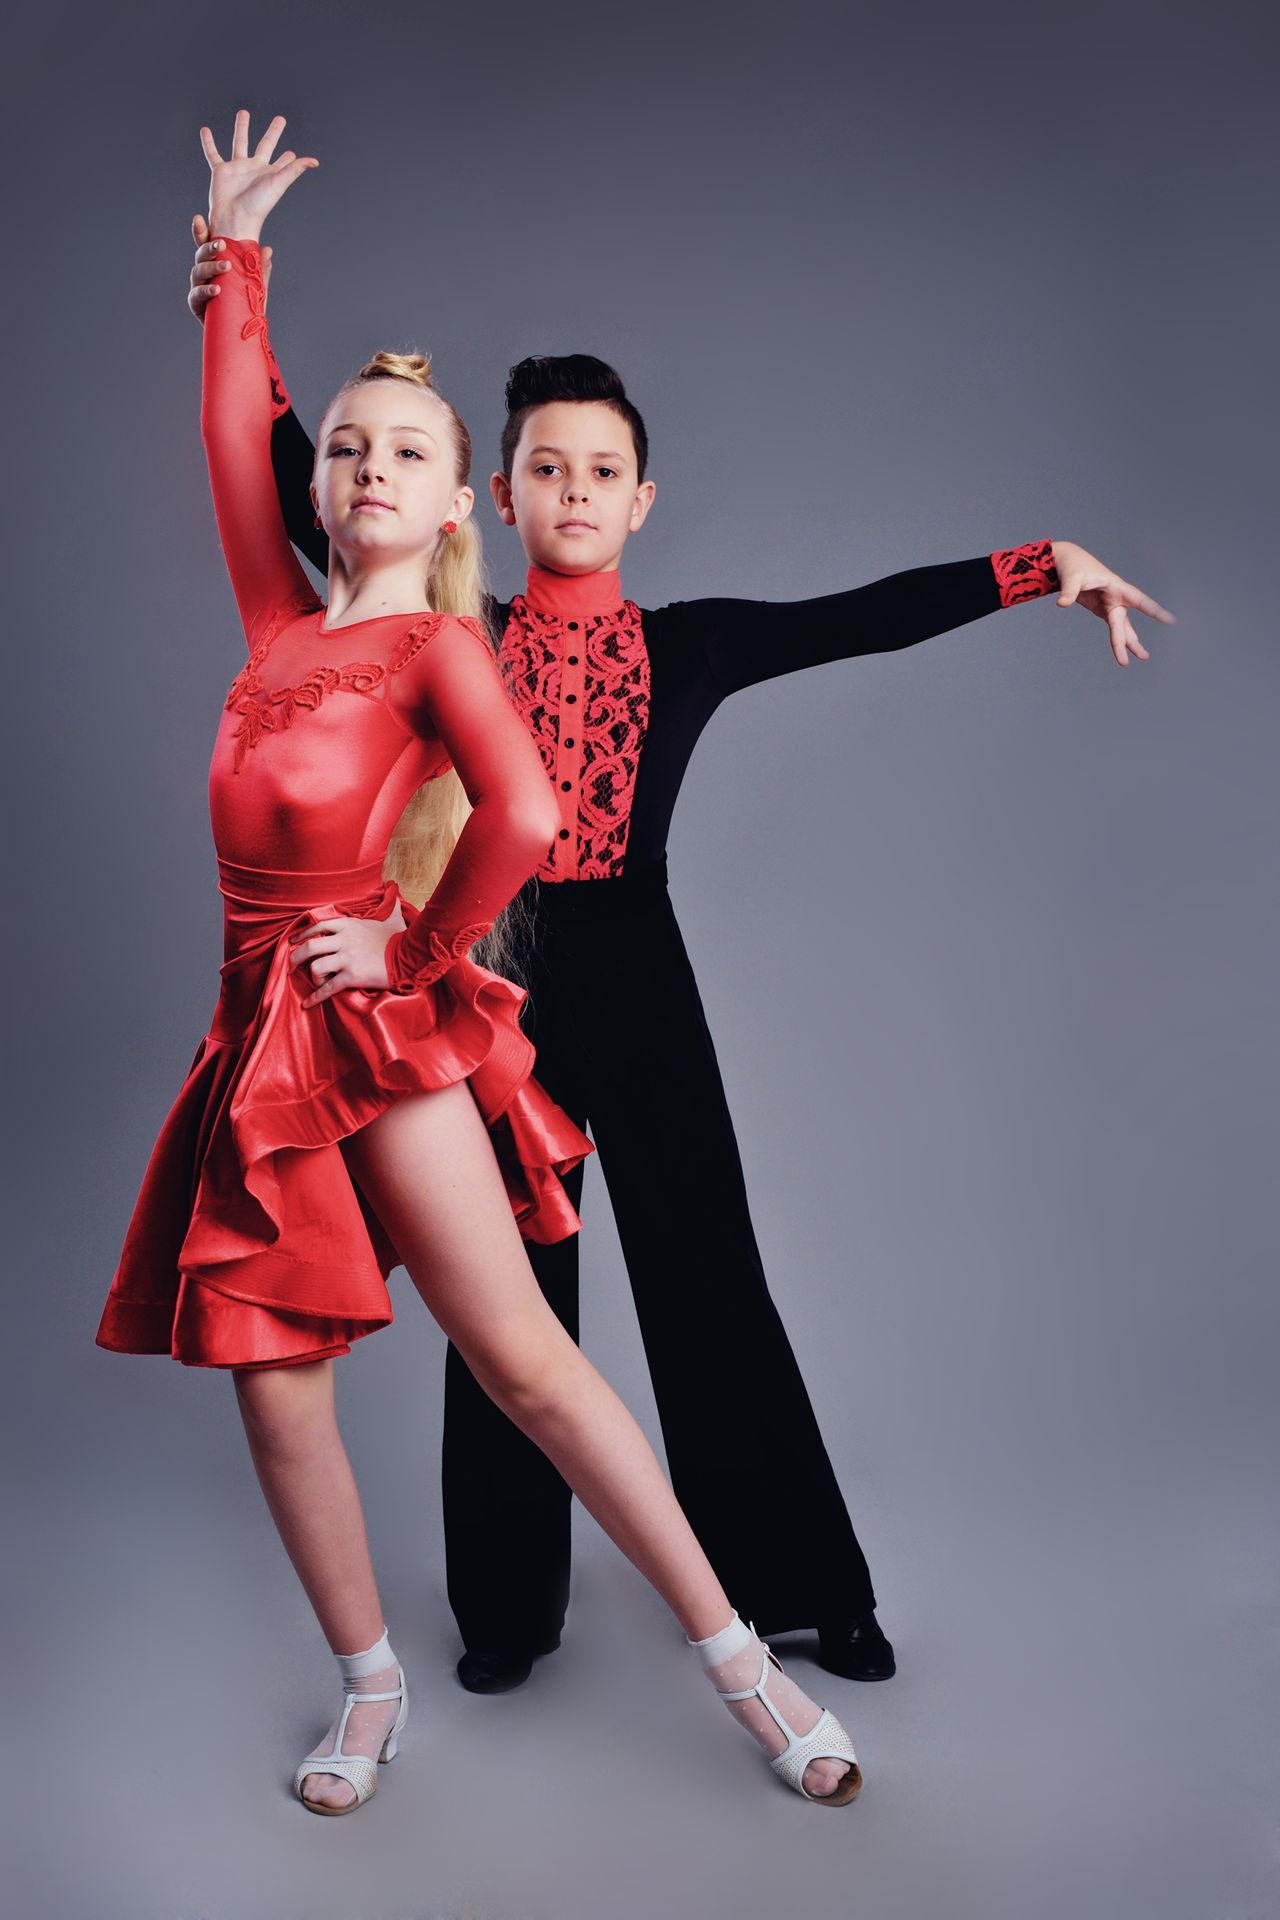 Platie_dlia_bal'nyx_tancev (42)